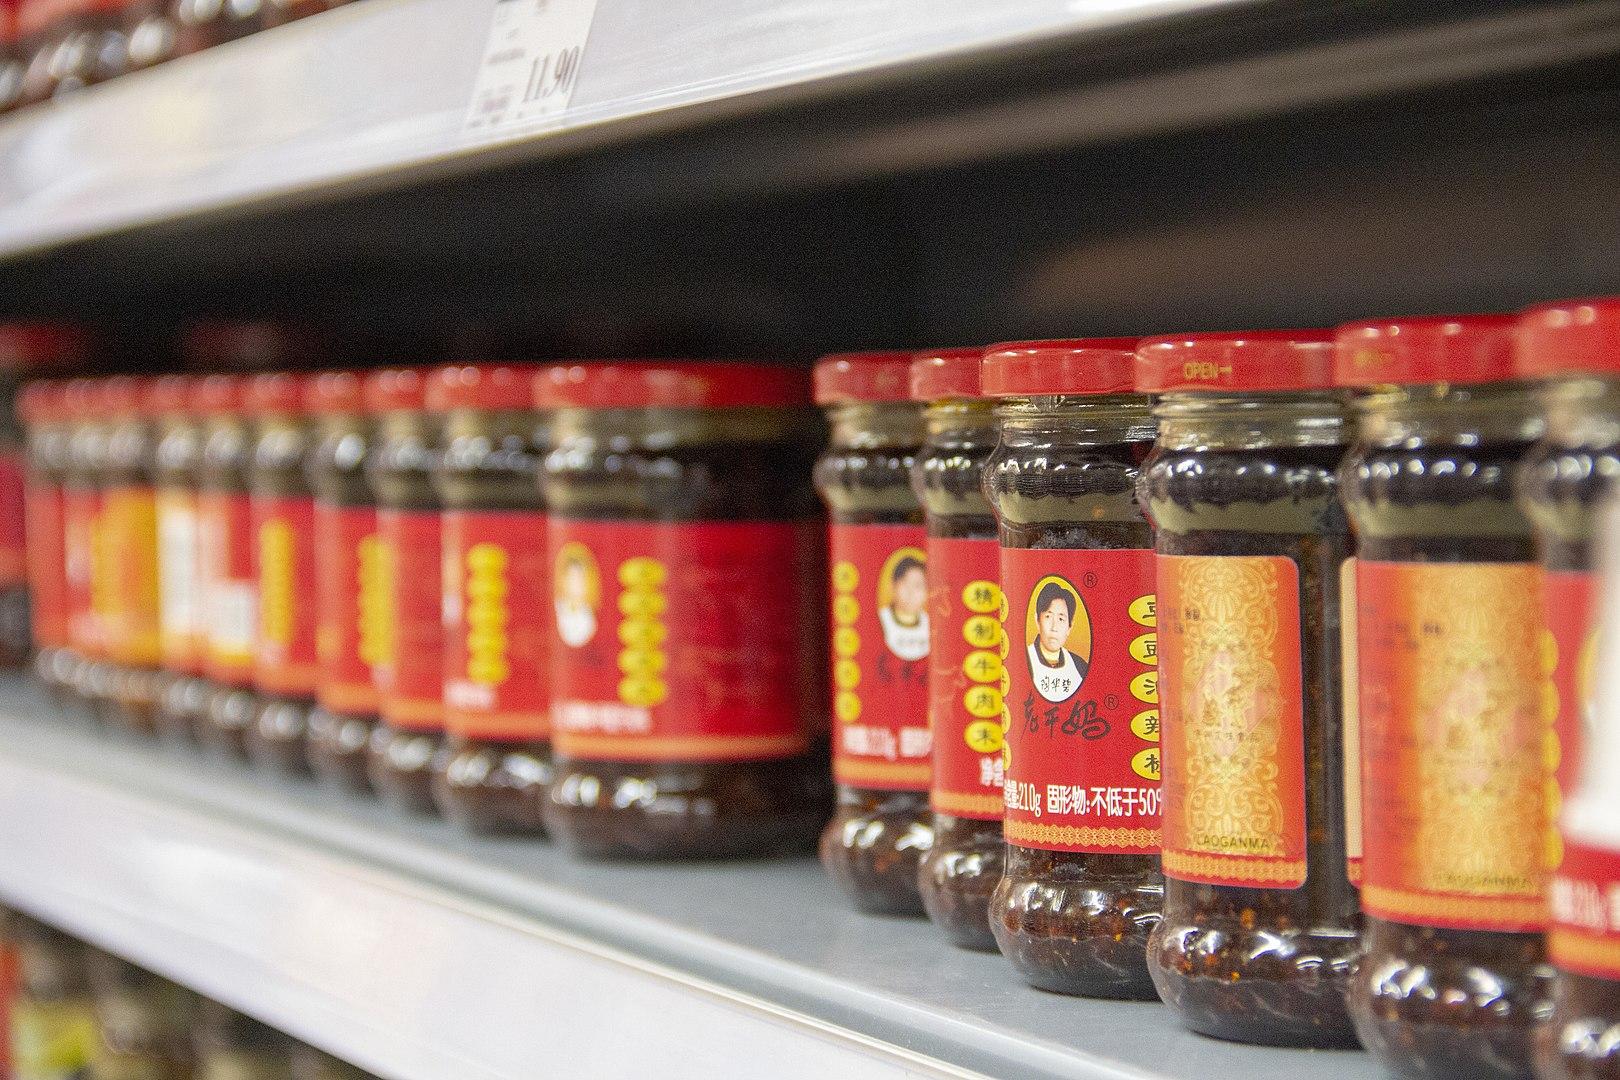 Lao Gan Ma jars on shelves via Wikimedia Commons